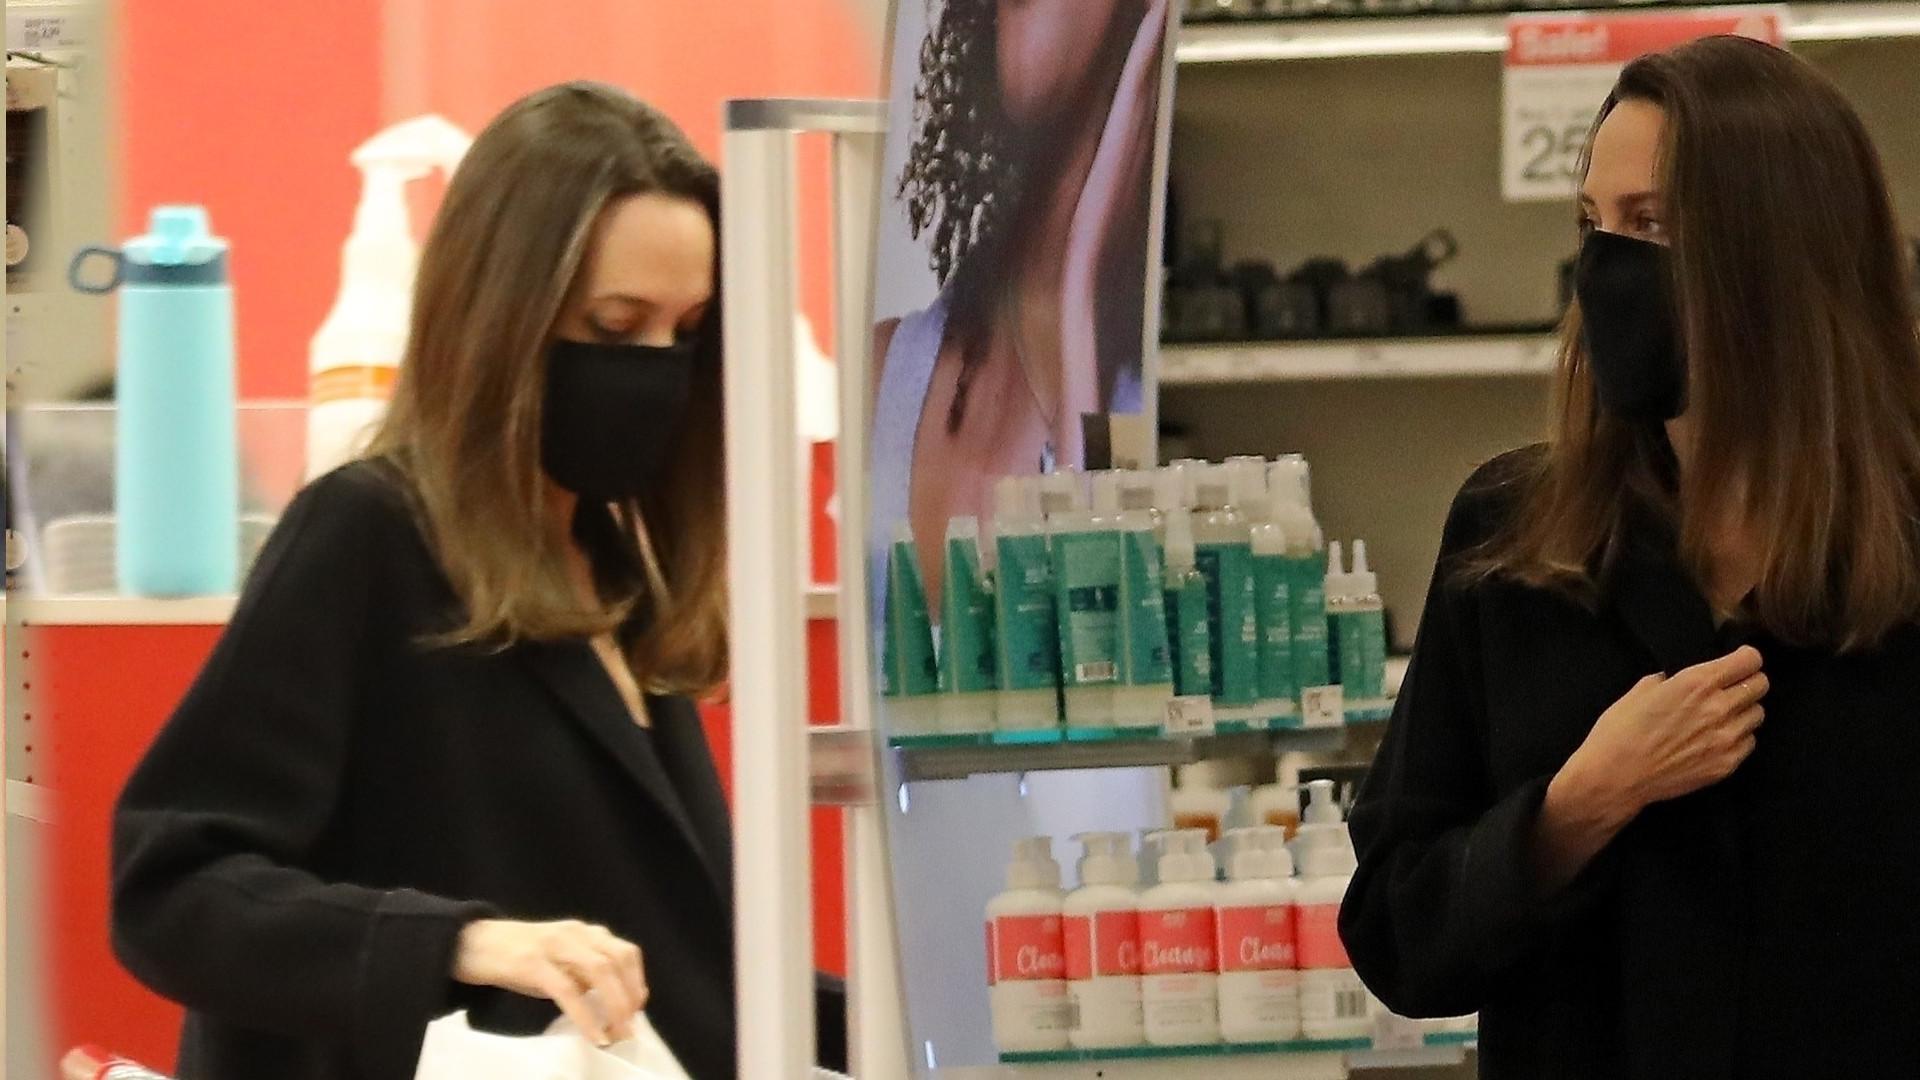 Angelina Jolie z Knoxem na zakupach w markecie. Wyglądał na ZNUDZONEGO